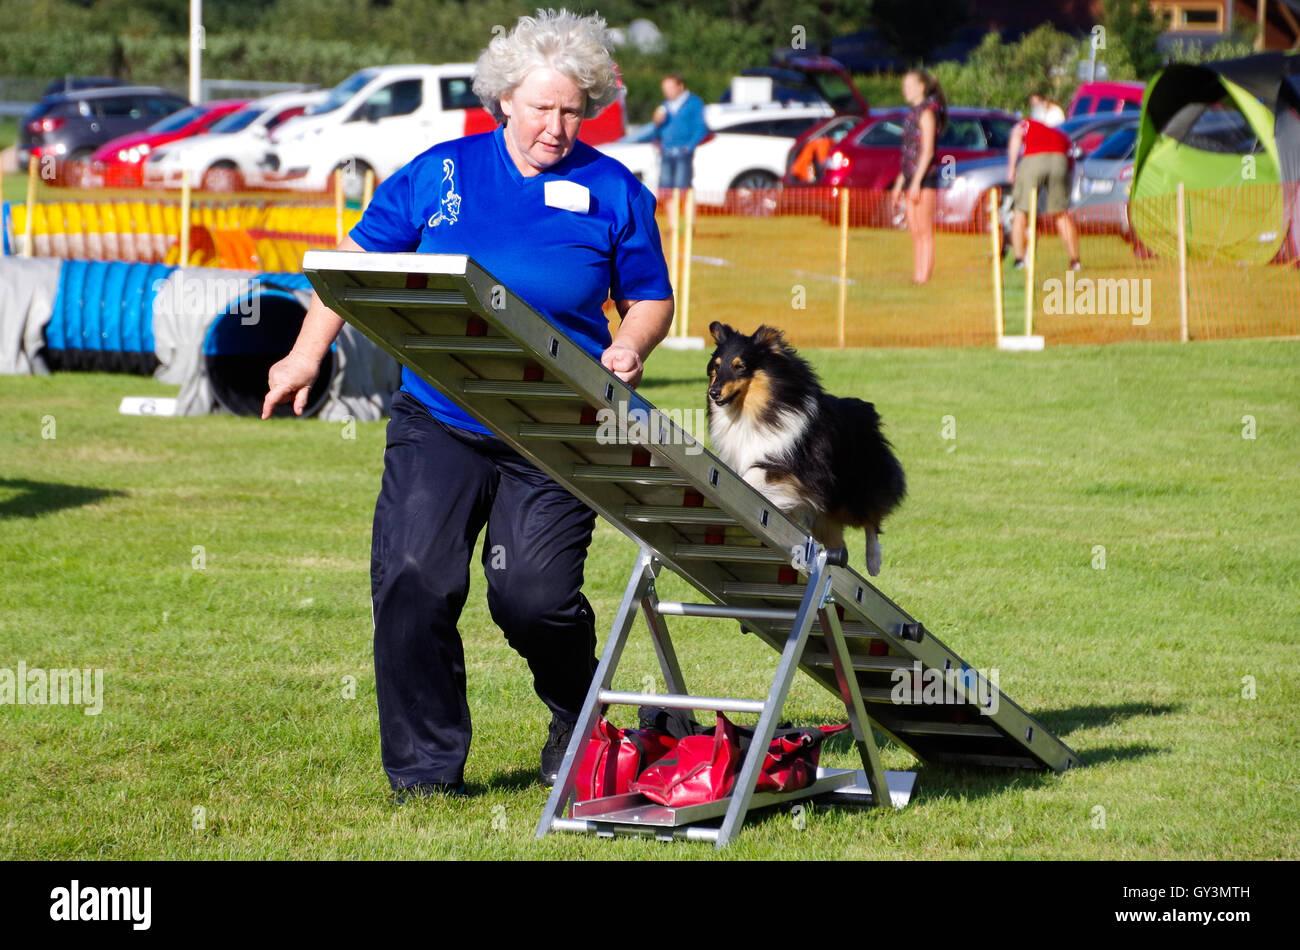 Un concorrente in agilità del cane di concorsi con la sua sheltie sull'altalena Immagini Stock